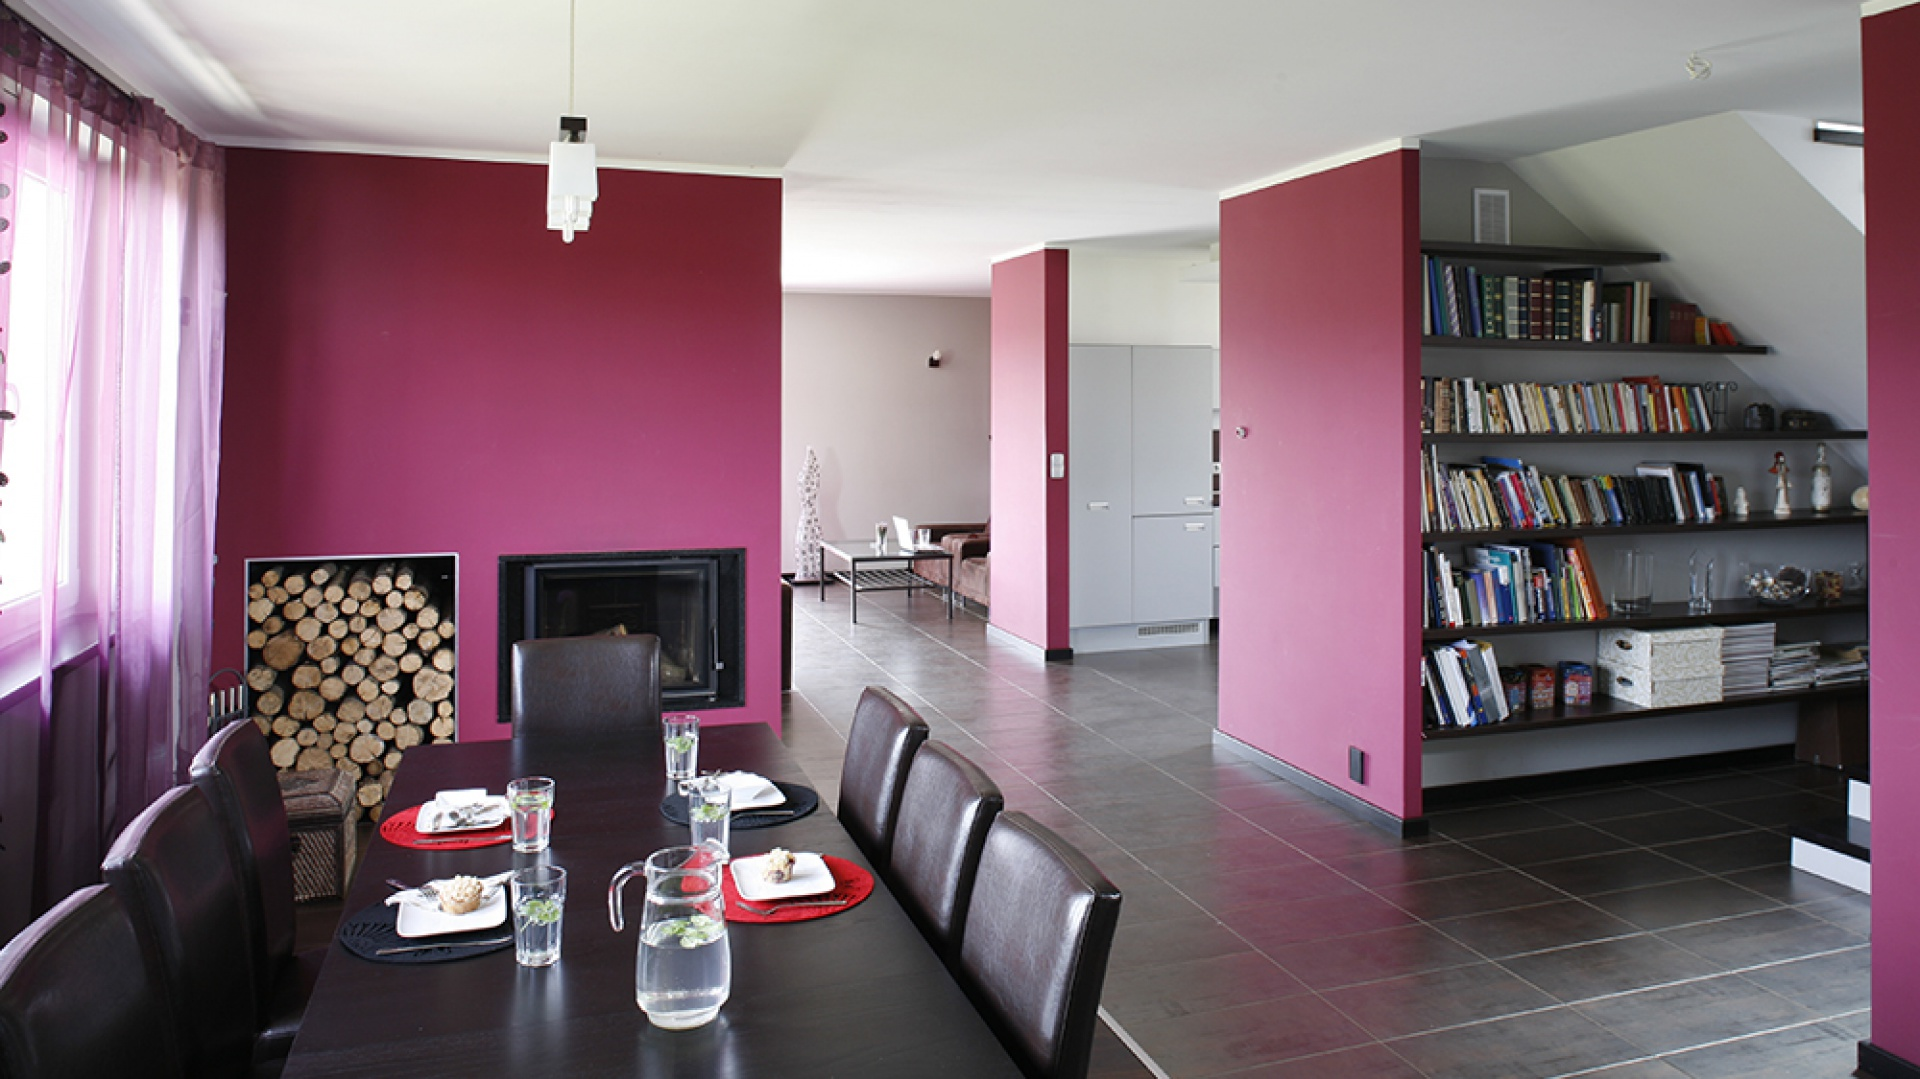 W okazałej strefie jadalnianej stanął długi stół (IKEA) i tuzin krzeseł (Allegro). Familijny charakter tego miejsca podkreśla wkomponowany w purpurową ścianę, minimalistyczny kominek oraz duży, otwarty schowek na drzewo. Fot. Bartosz Jarosz.